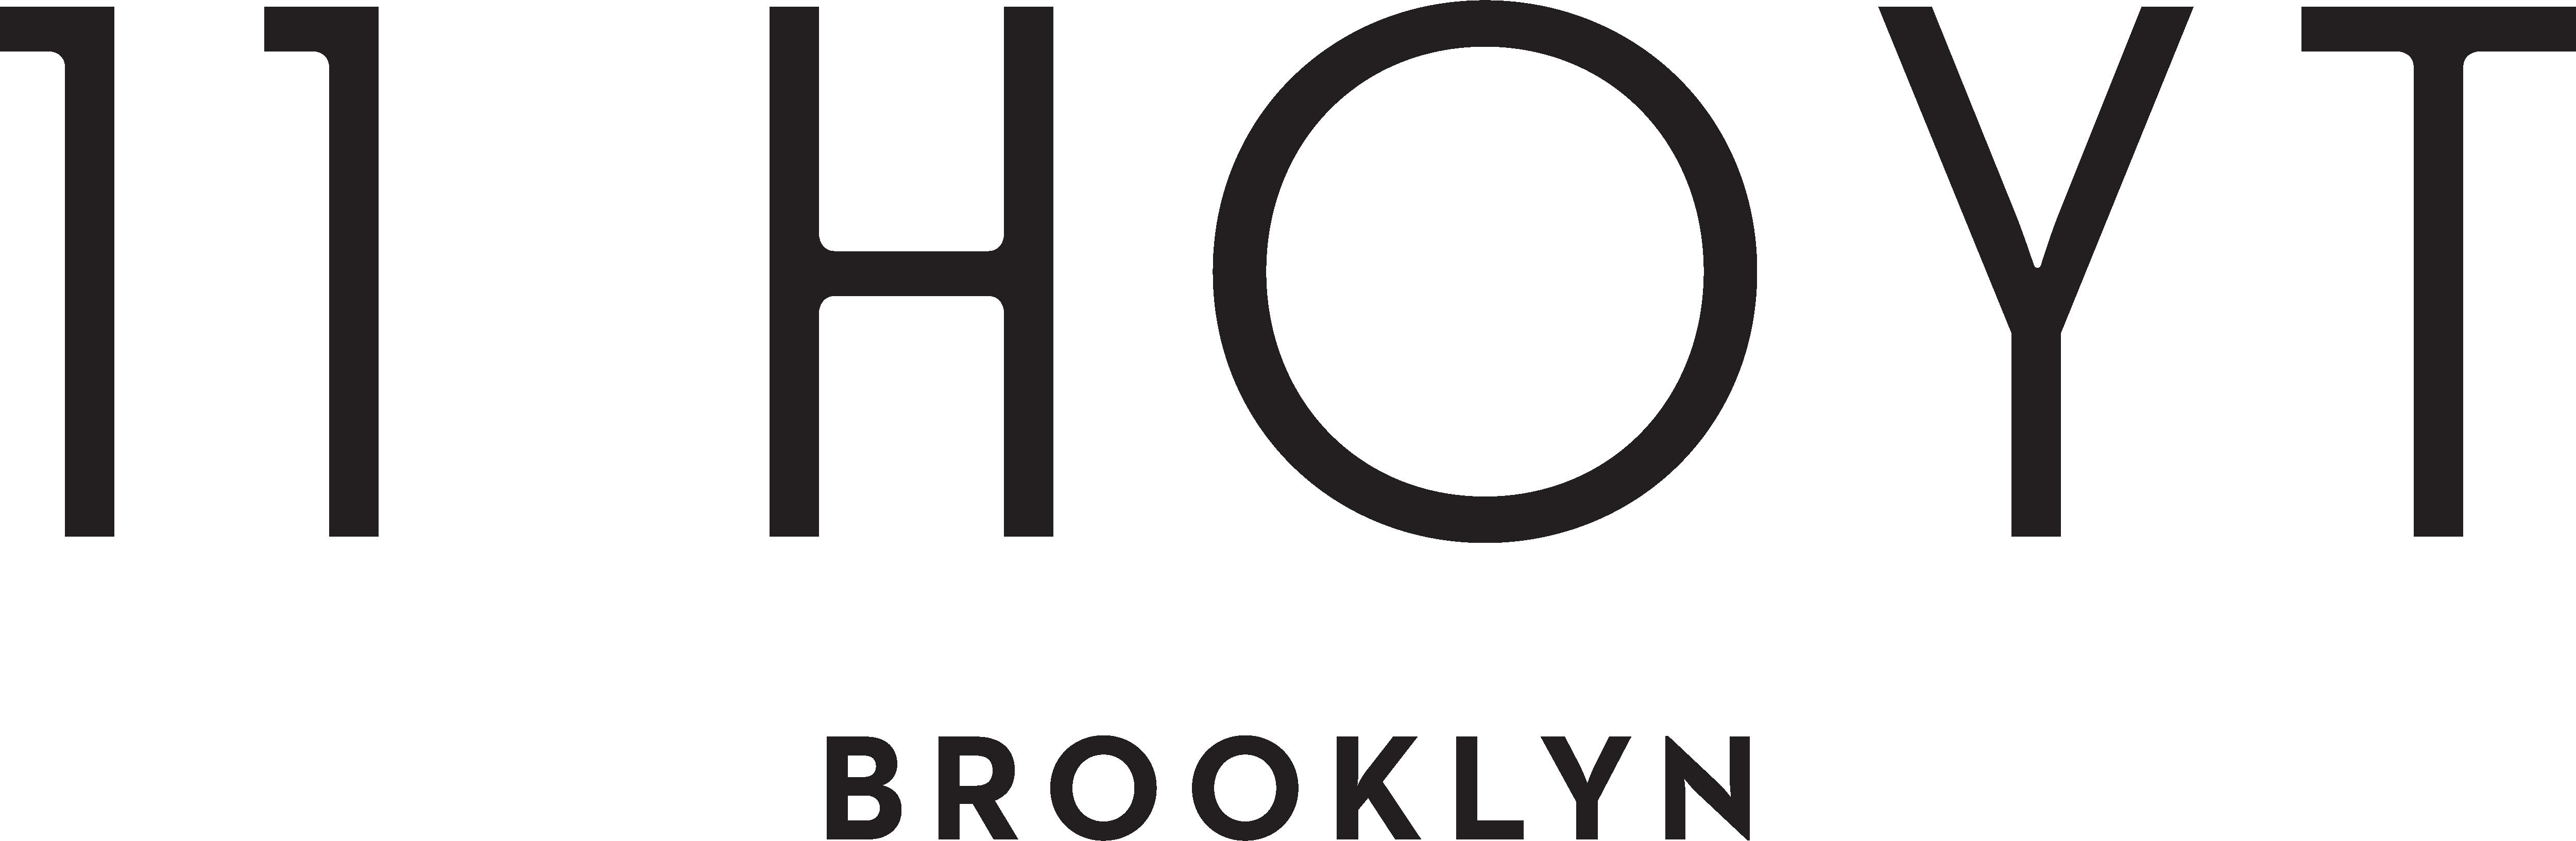 11HoytBrooklyn_Logo_Black_5000